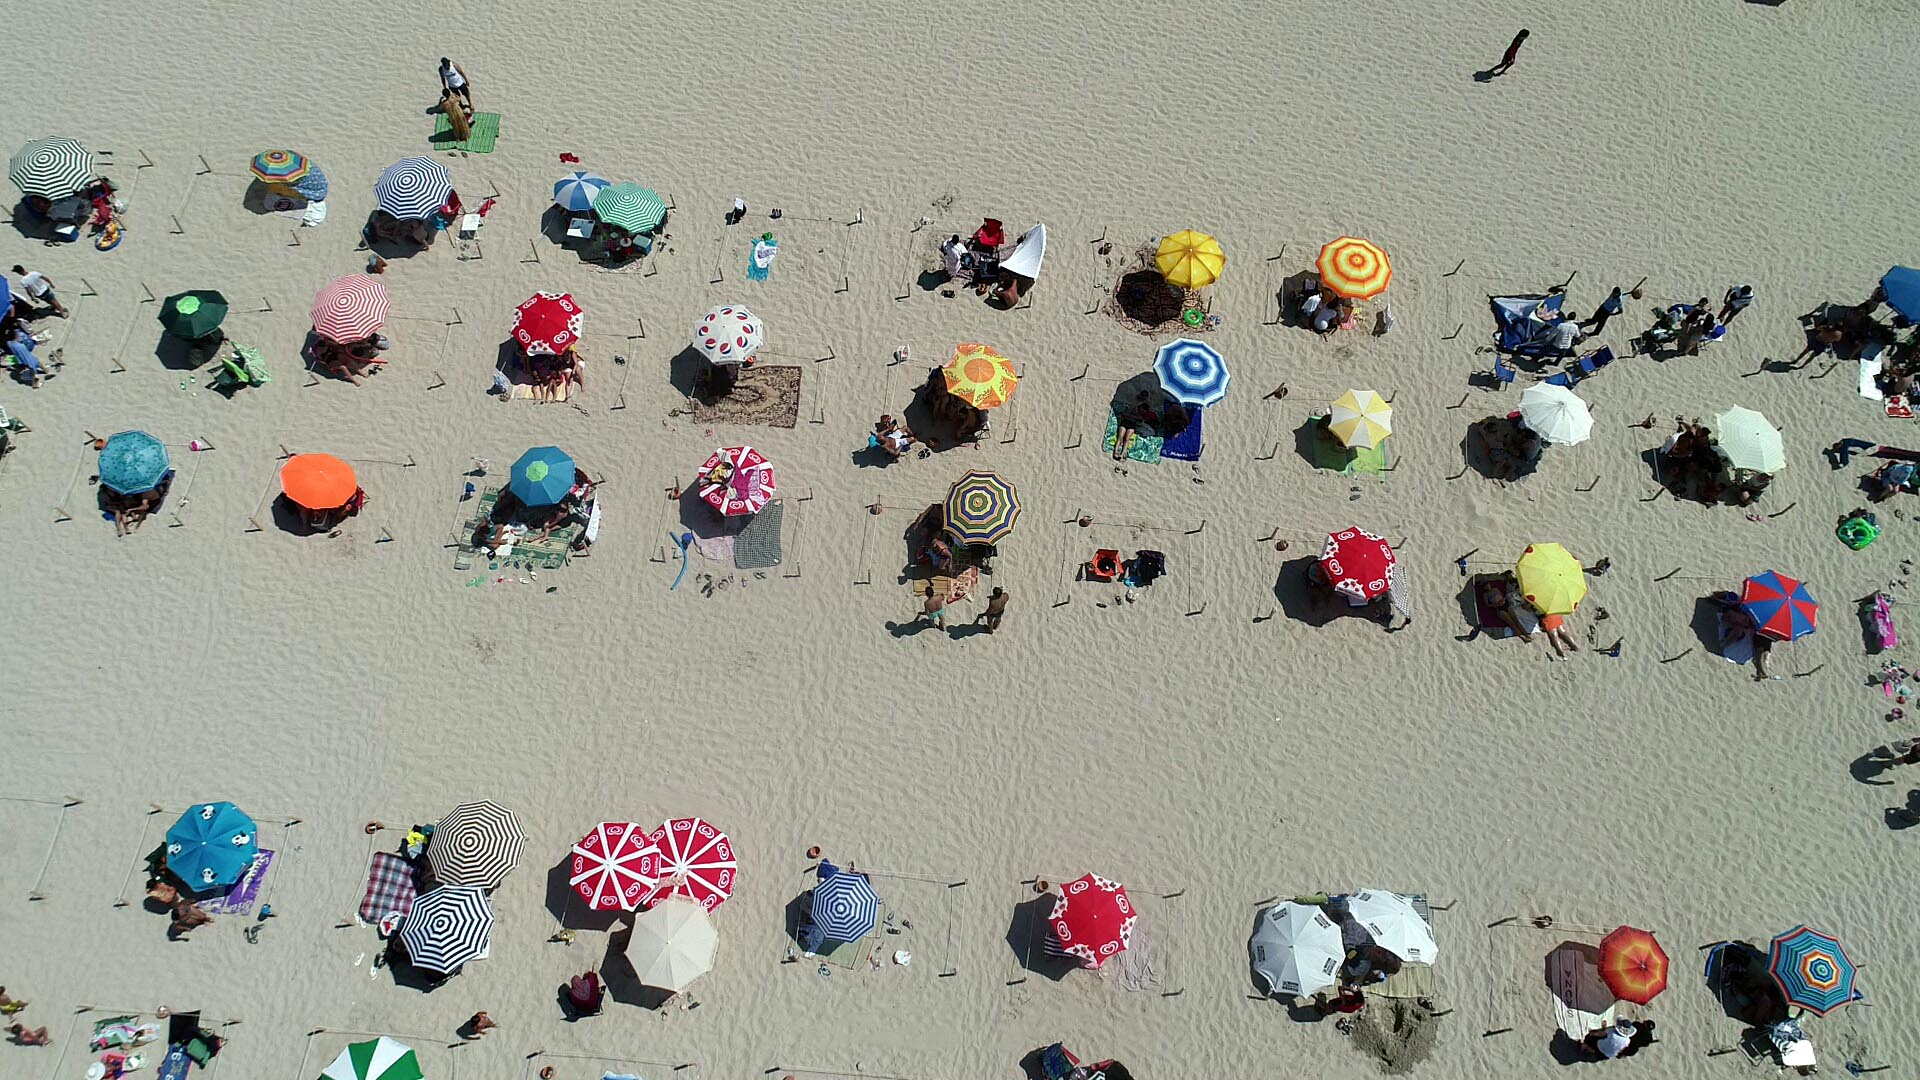 Ilıca Plajı doldu, tedbirler unutuldu